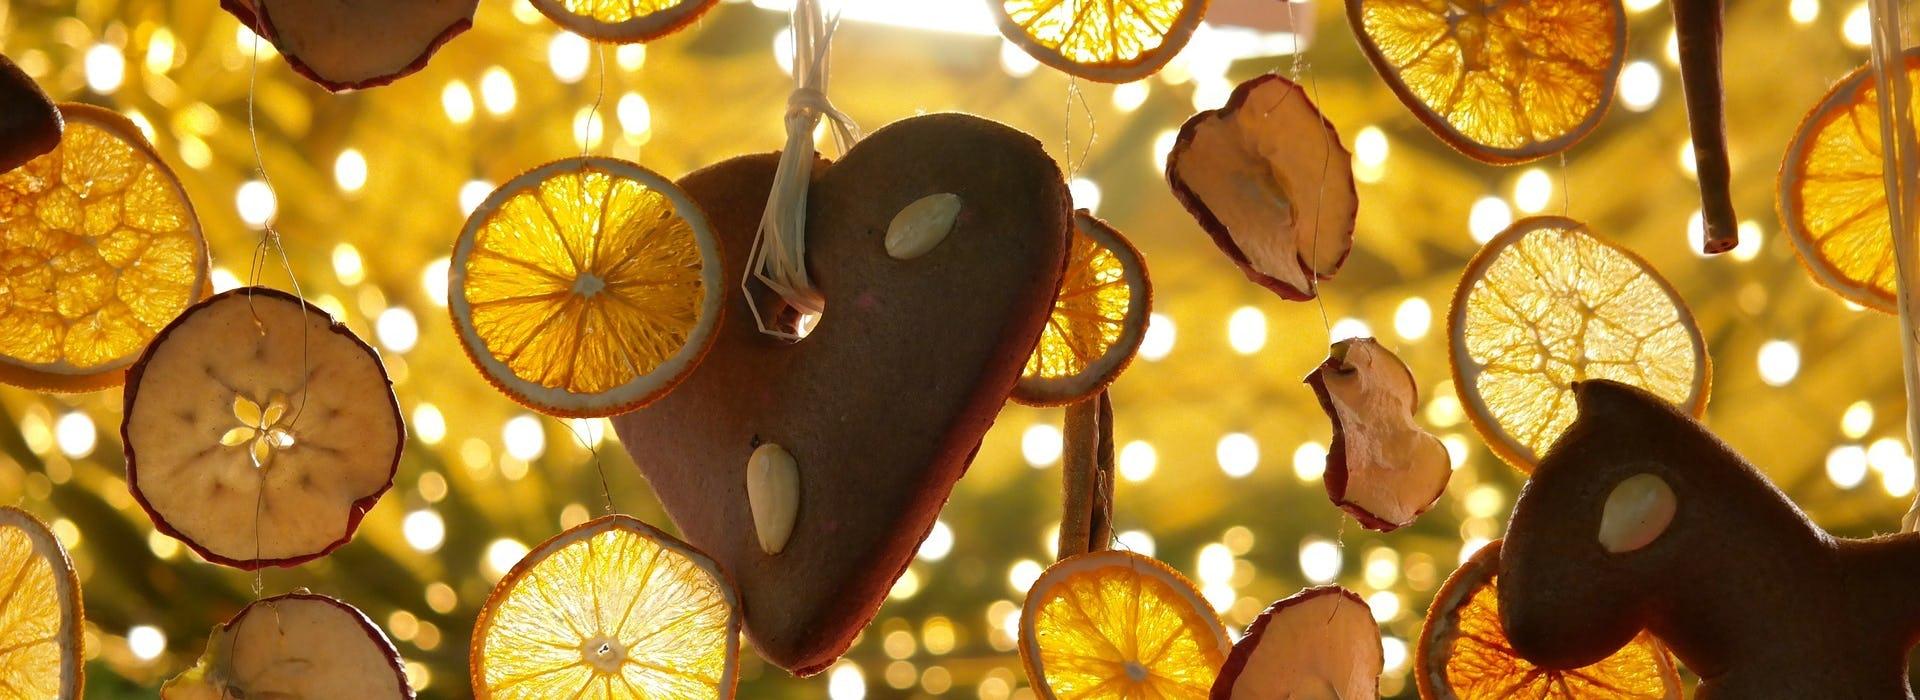 Konstanz Zitronen Ramsauer Carreisen Weihnachtsmarkt